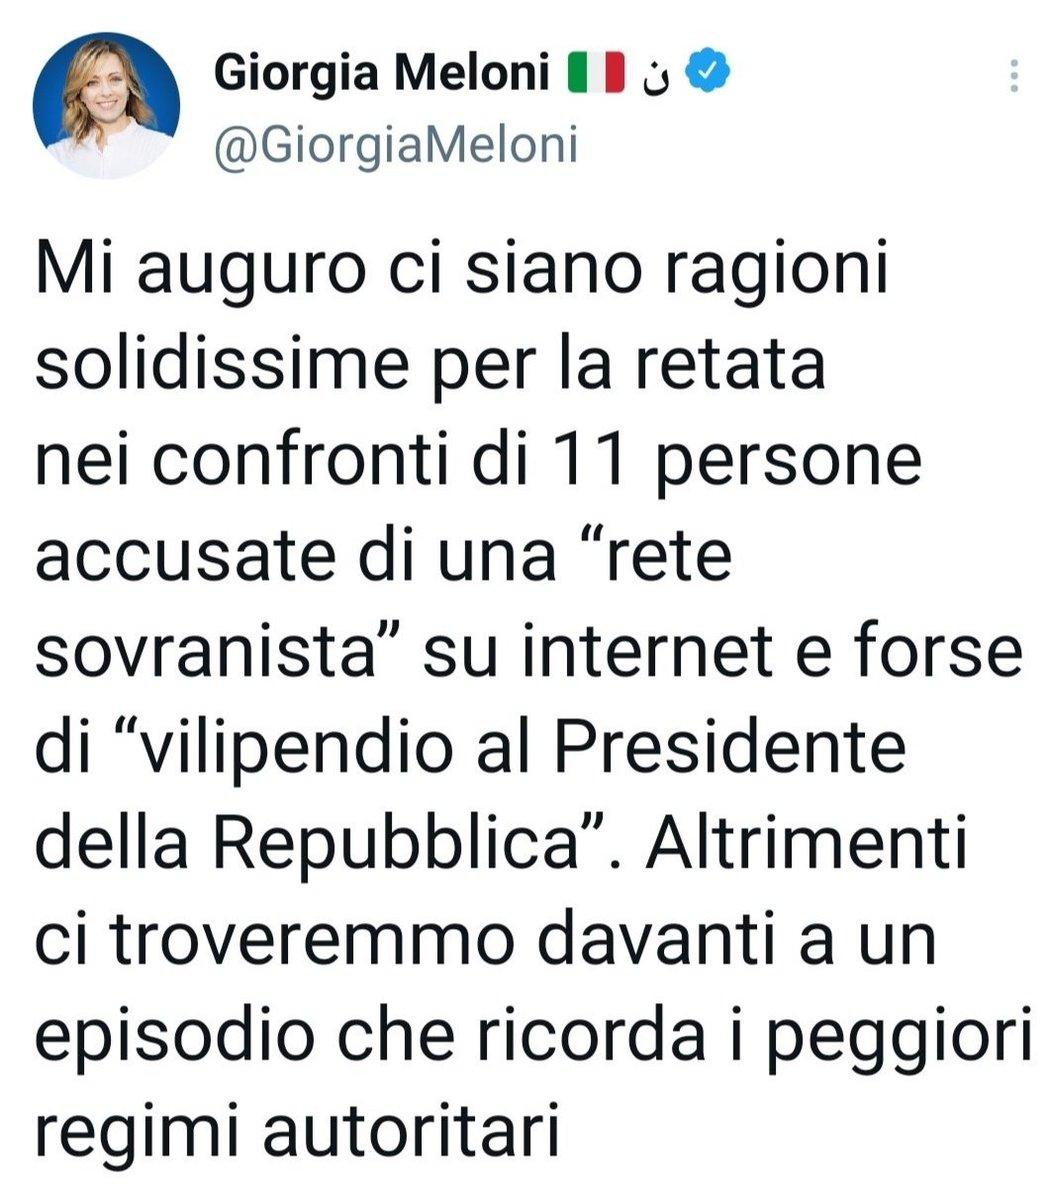 #laPeggiore_DESTRA_diSempre